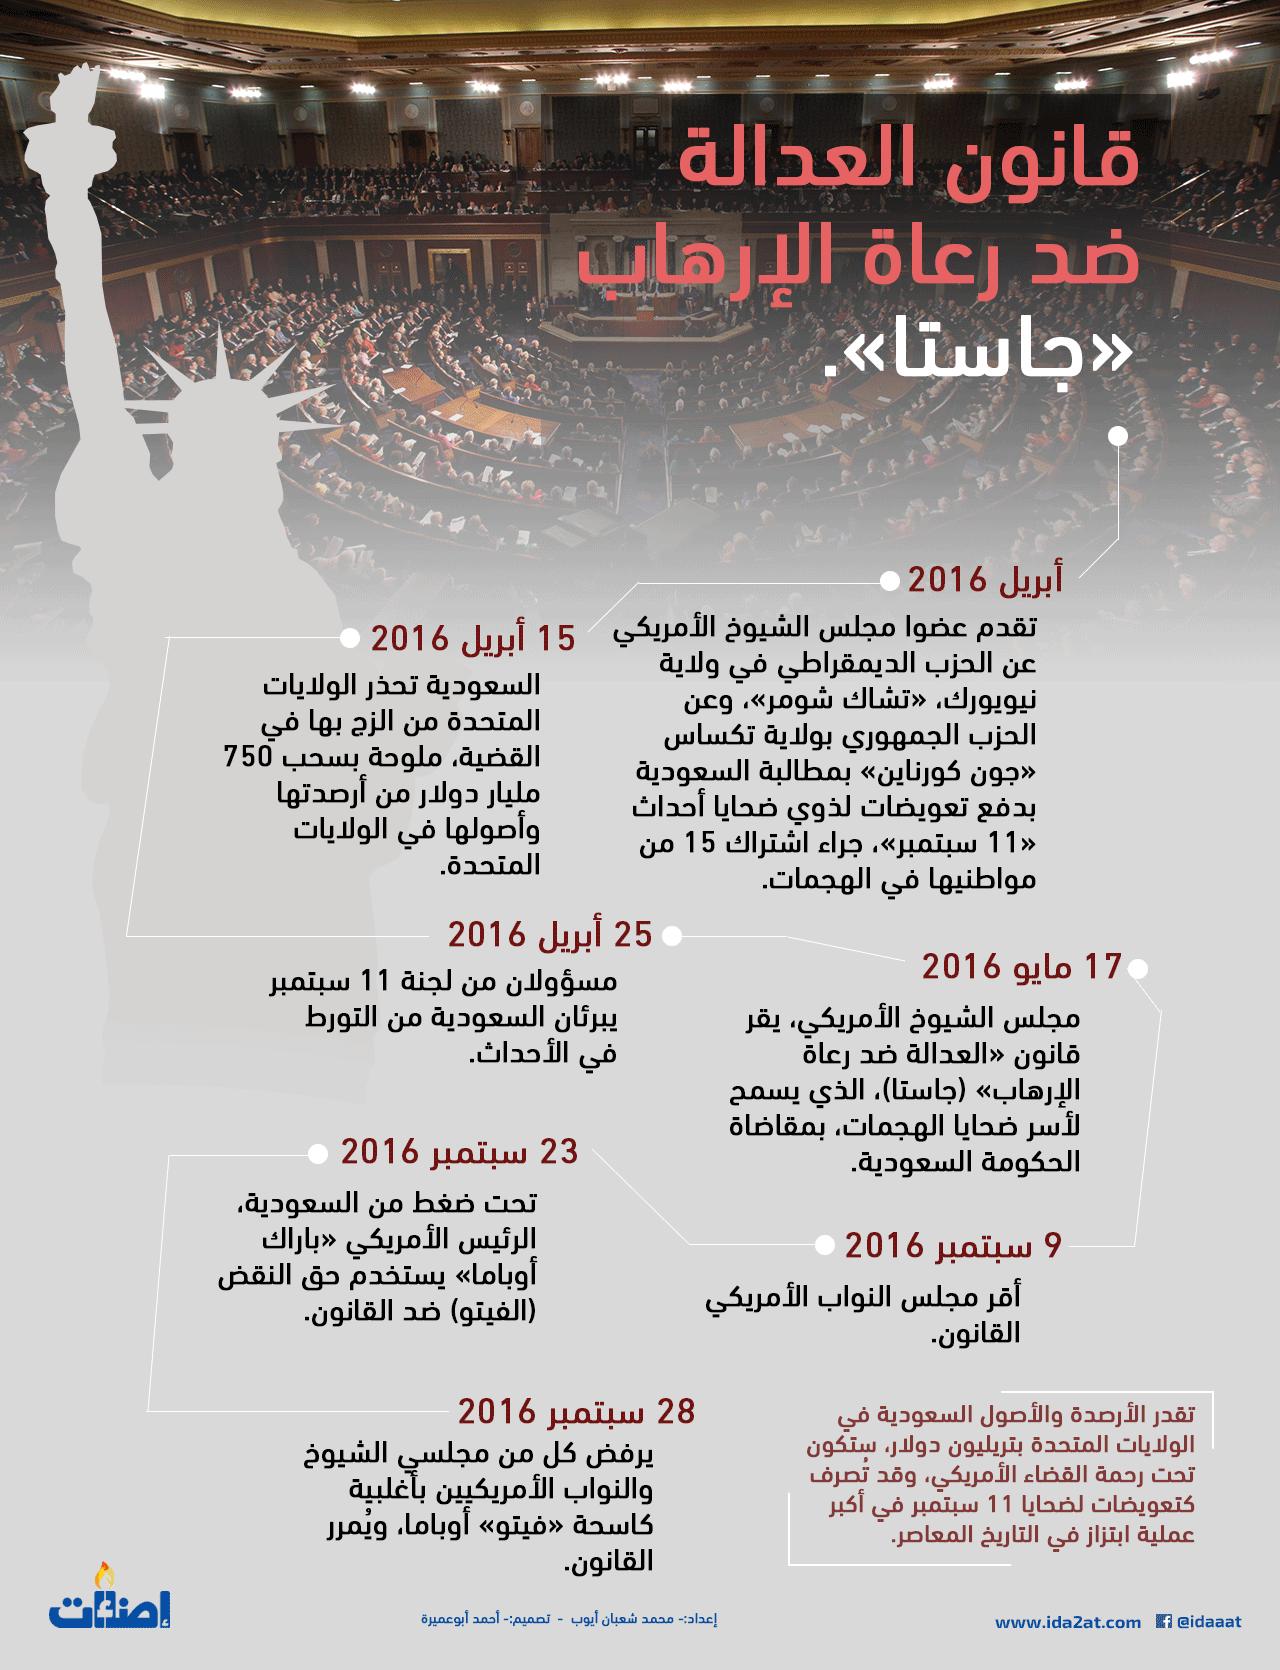 جاستا، قانون العدالة ضد رعاة الإرهاب